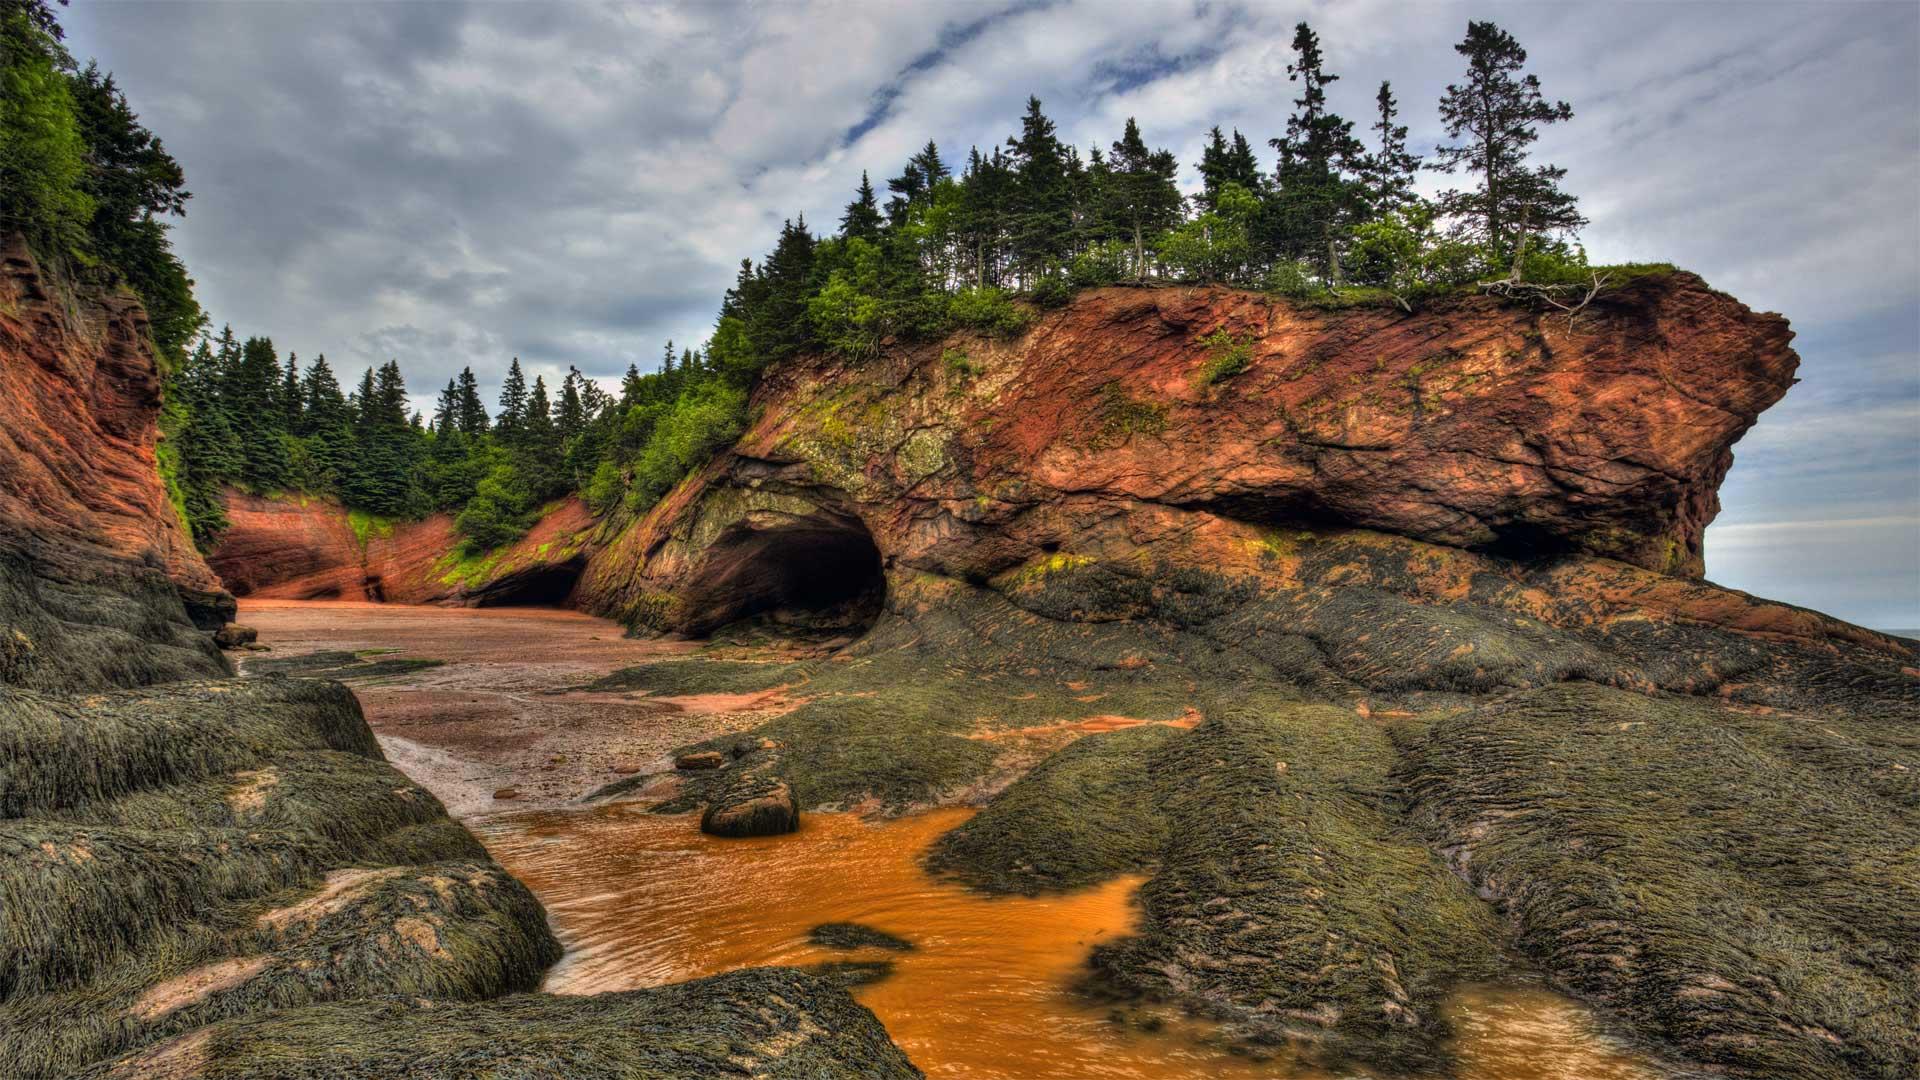 芬迪湾低潮时的洞穴及海岸地貌 ,加拿大新不伦瑞克 (© Jamie Roach/Shutterstock)